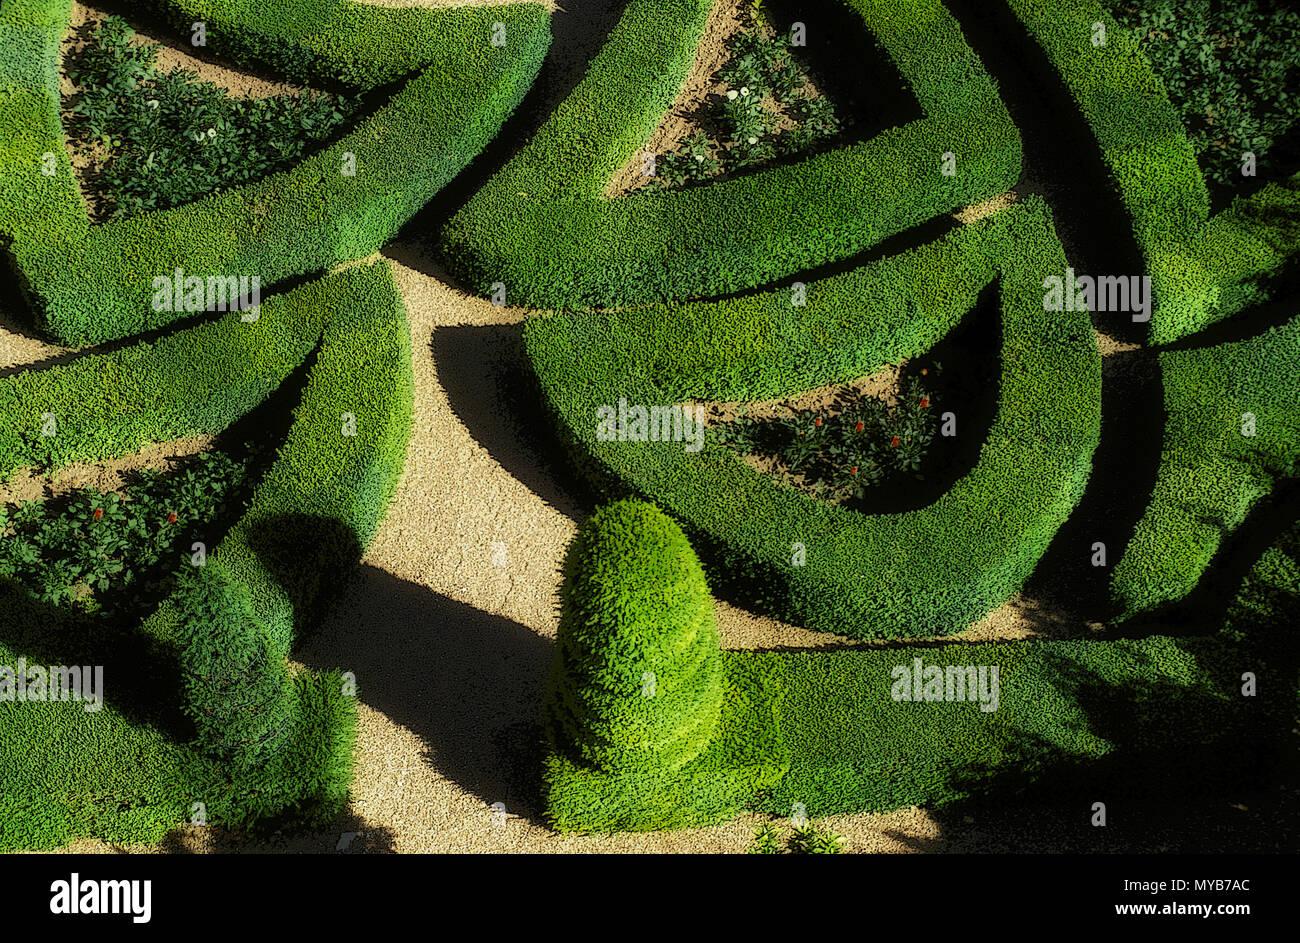 Château de Villandry, Garden of Love, parterre design, section symbolizing  passionate love, Centre, France Stock Photo